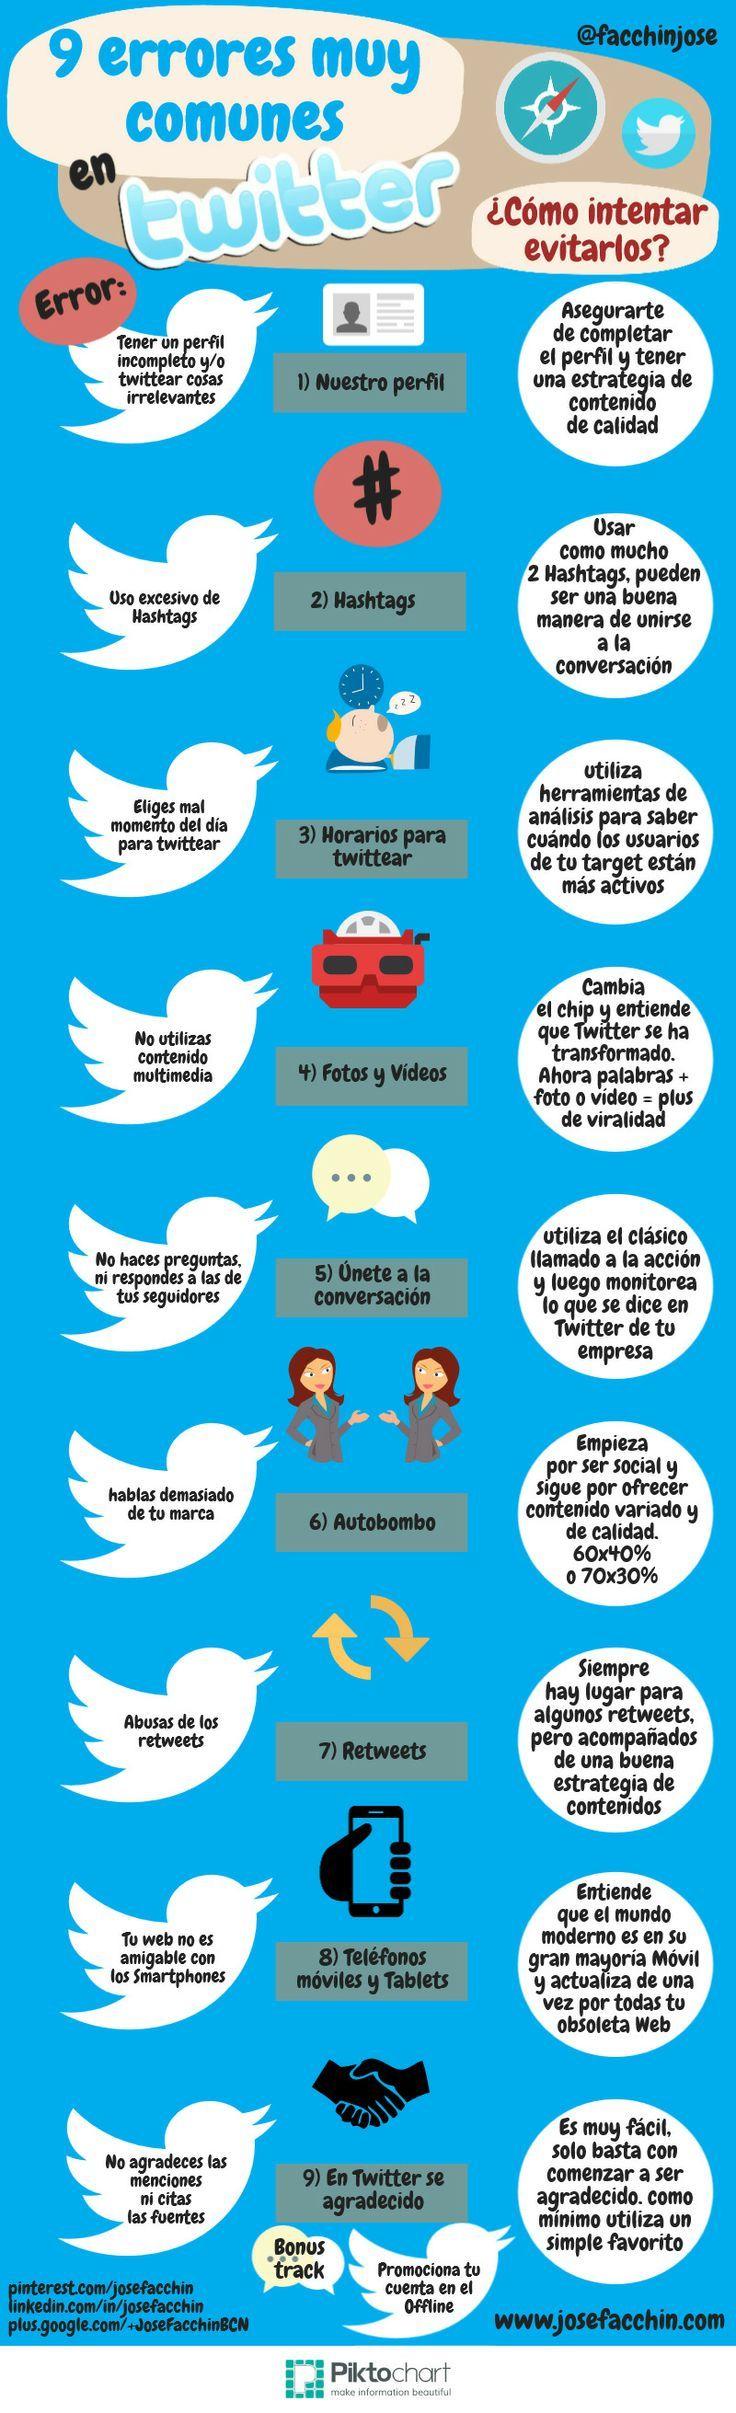 9 errores comunes que se cometen en Twitter ¿cómo evitarlos? #infografia @facchinjose vía @geeksroom @sindofdez